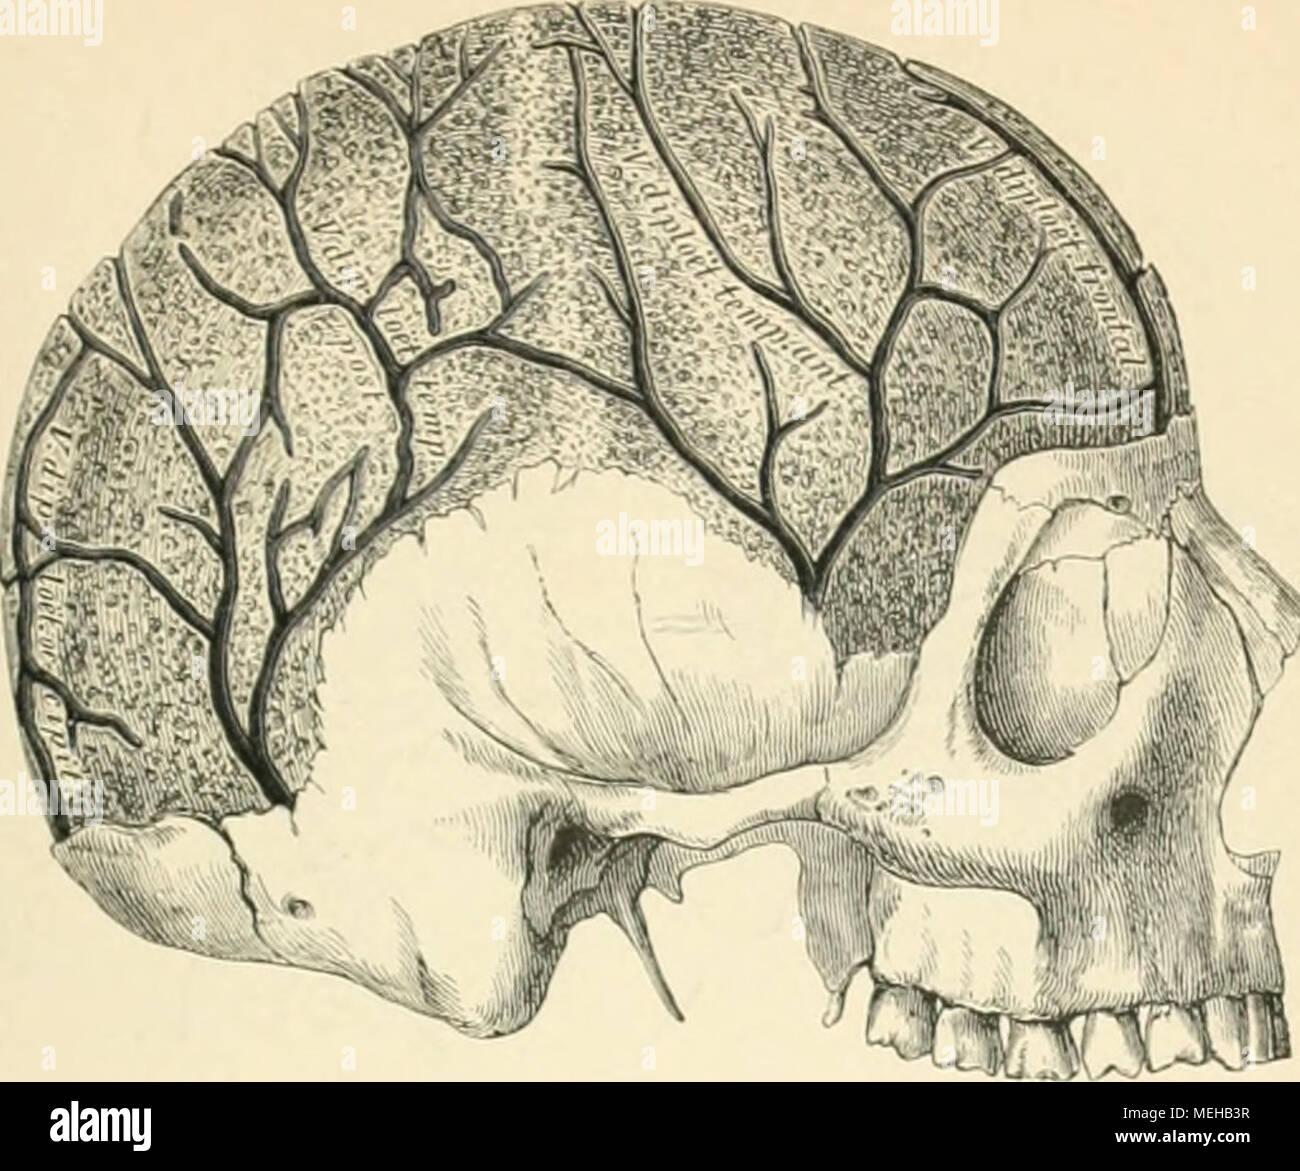 Wunderbar Vergleichende Anatomie Definition Galerie - Menschliche ...